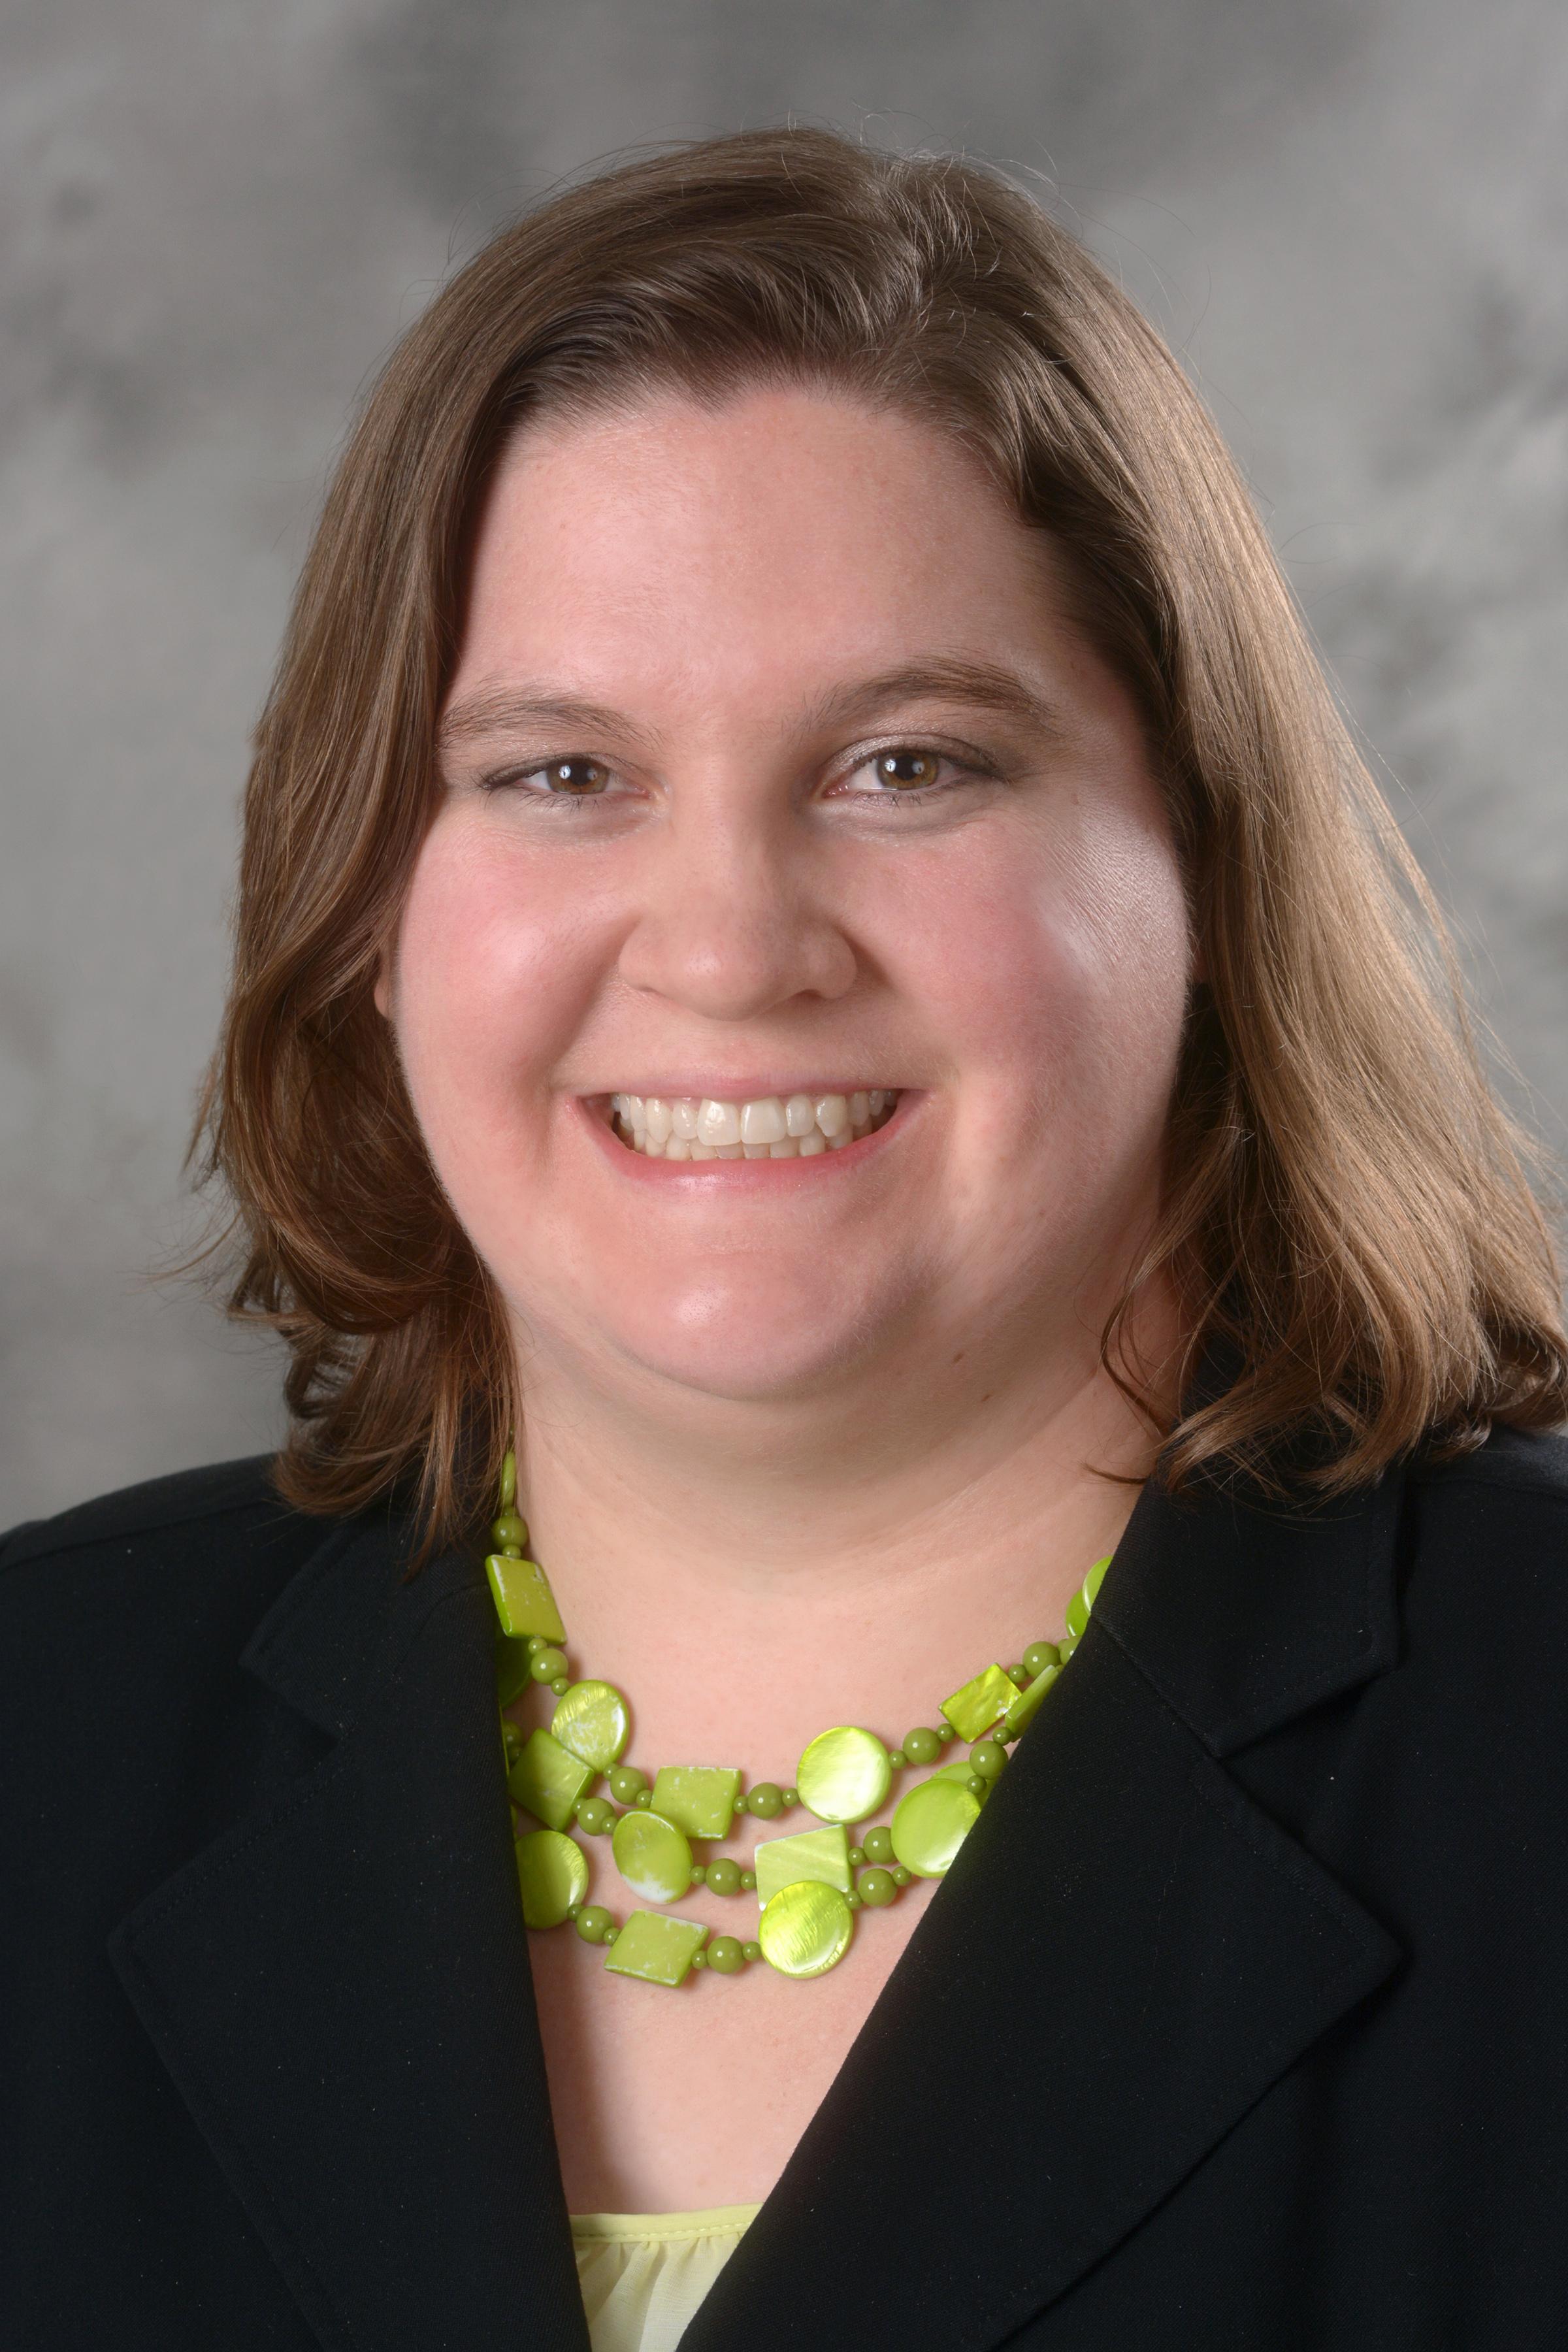 Sarah Hanusch headshot